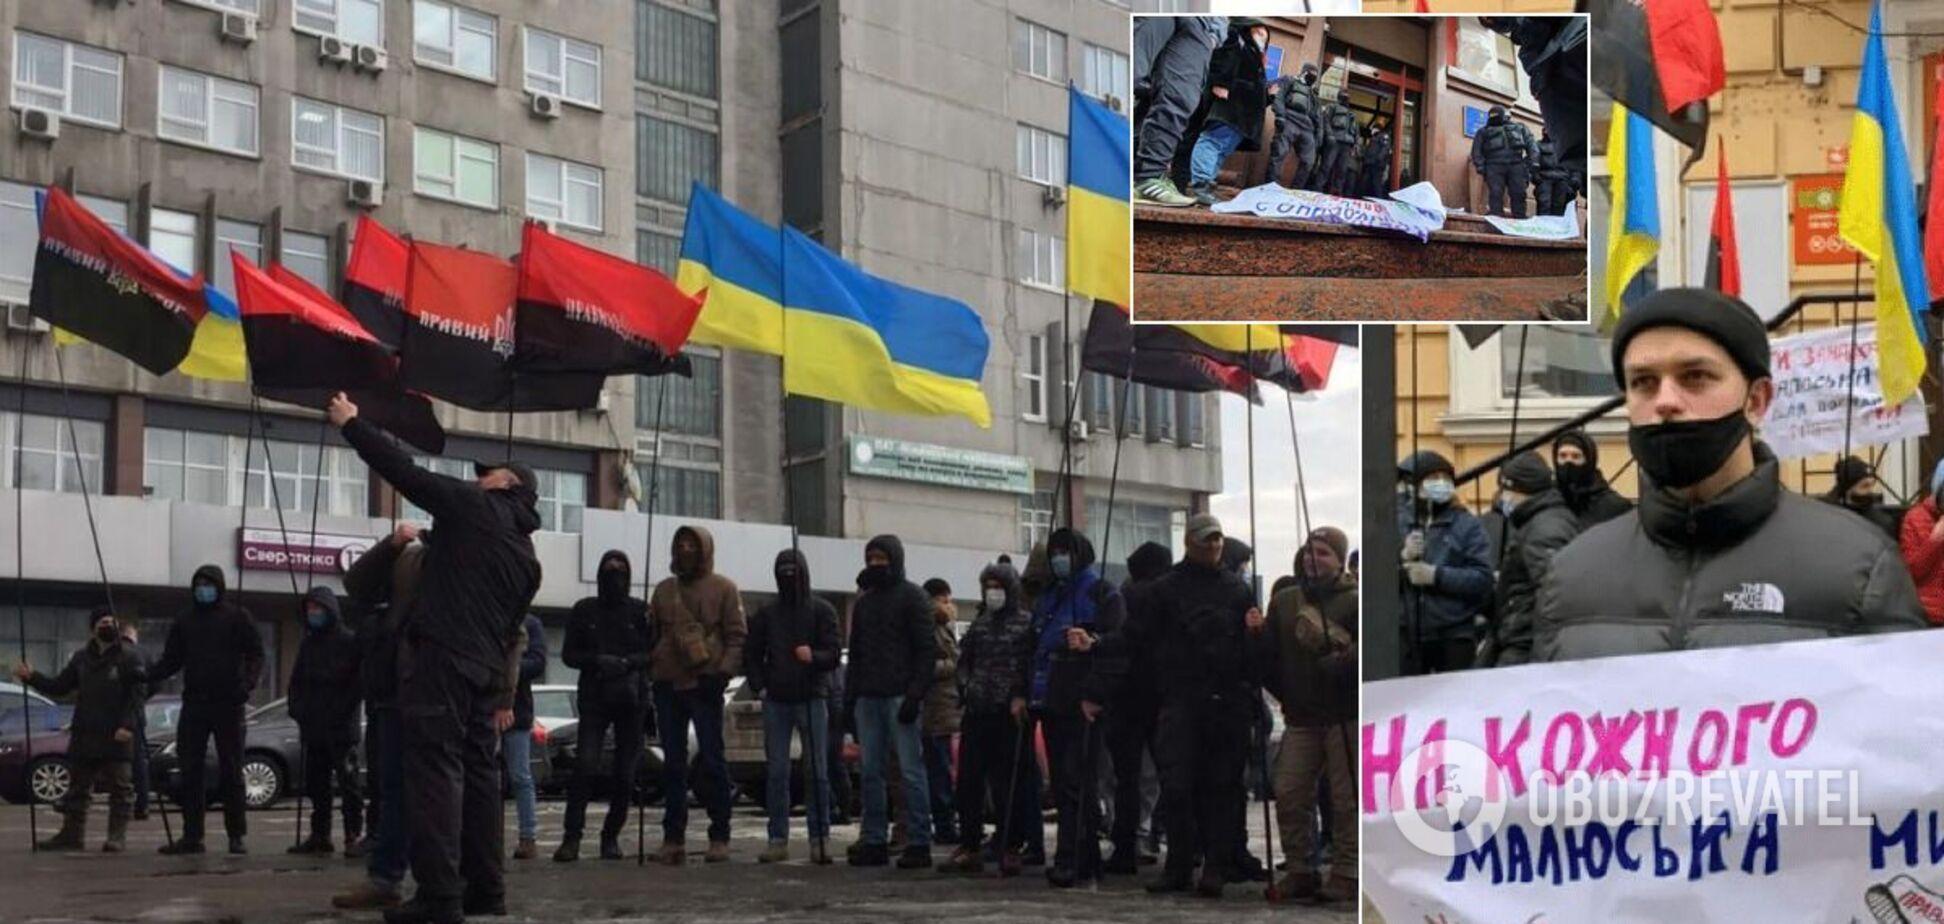 'Лівий' бізнес 'правих' радикалів: чому ПС тисне на міністра Малюську в інтересах рейдерів?